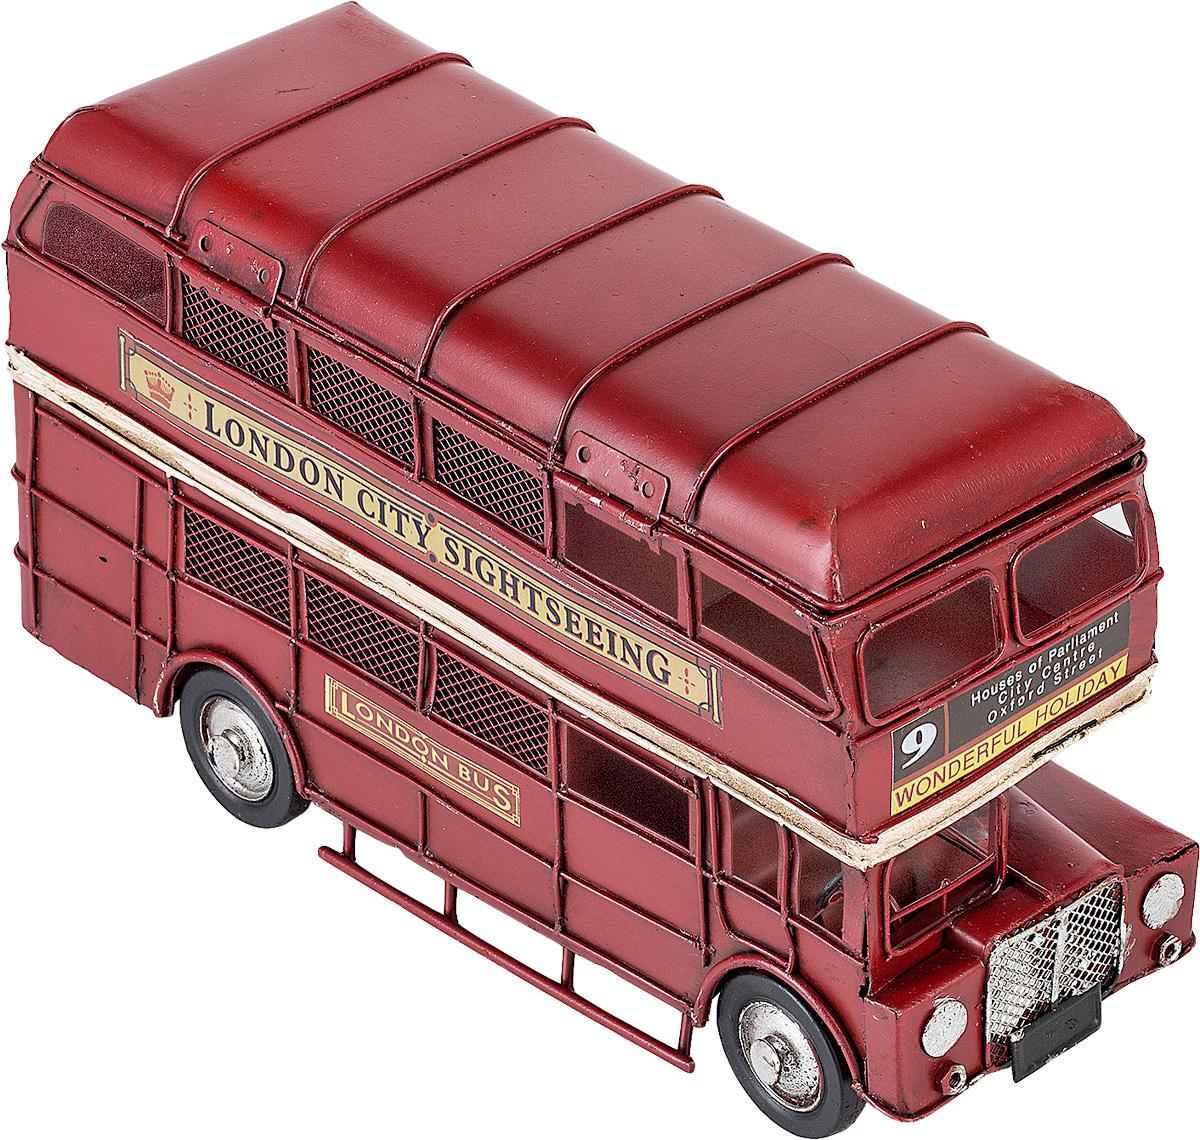 Модель Platinum Лондонский автобус, с 2 фоторамками и копилкой. 1310E-4107JP-29/17Модель Platinum Лондонский автобус, выполненная из металла, станет оригинальным украшением интерьера. Вы можете поставить ретро-модель в любом месте, где она будет удачно смотреться.Изделие дополнено копилкой и двумя фоторамками, куда вы можете вставить ваши любимые фотографии.Качество исполнения, точные детали и оригинальный дизайн выделяют эту модель среди ряда подобных. Модель займет достойное место в вашей коллекции, а также приятно удивит получателя в качестве стильного сувенира.